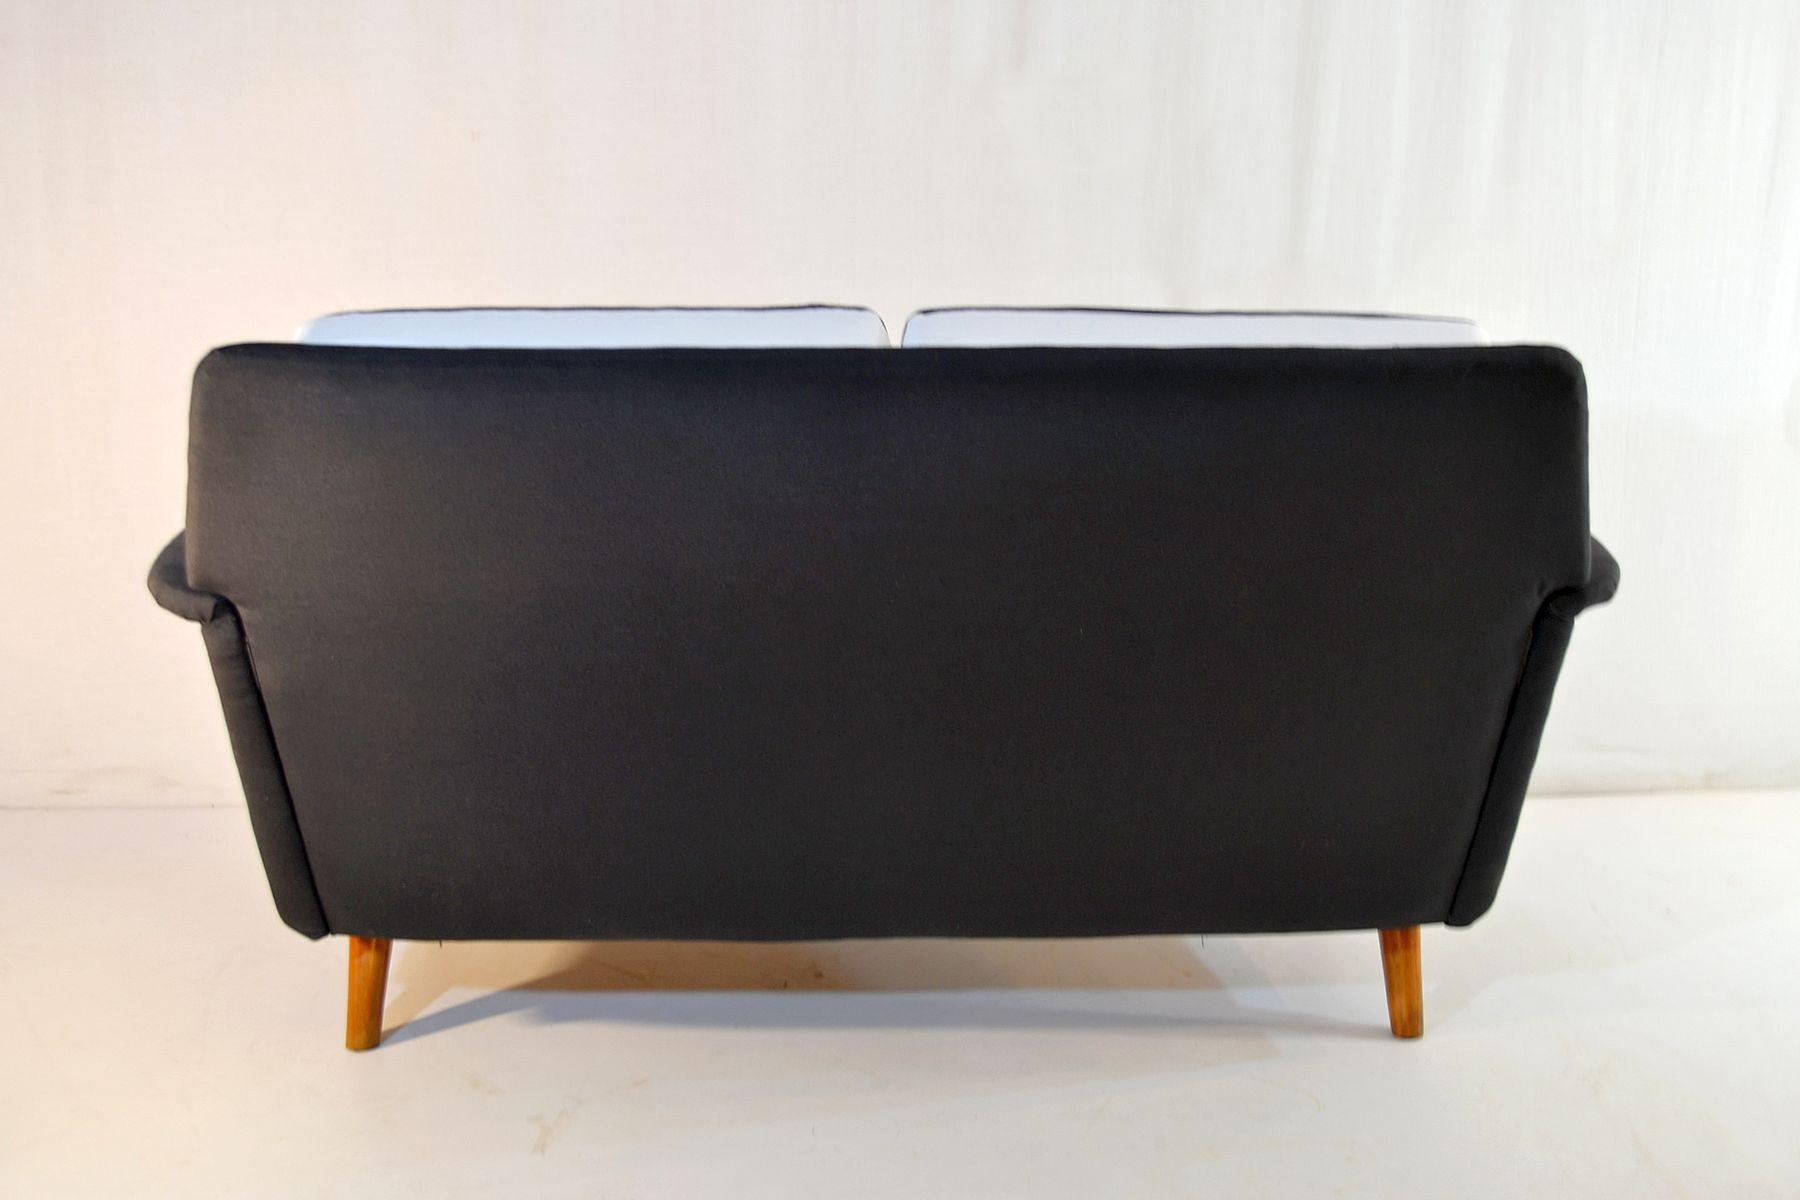 dux sofa by folke ohlsson tufted sleeper velvet two seater for 1960s sale